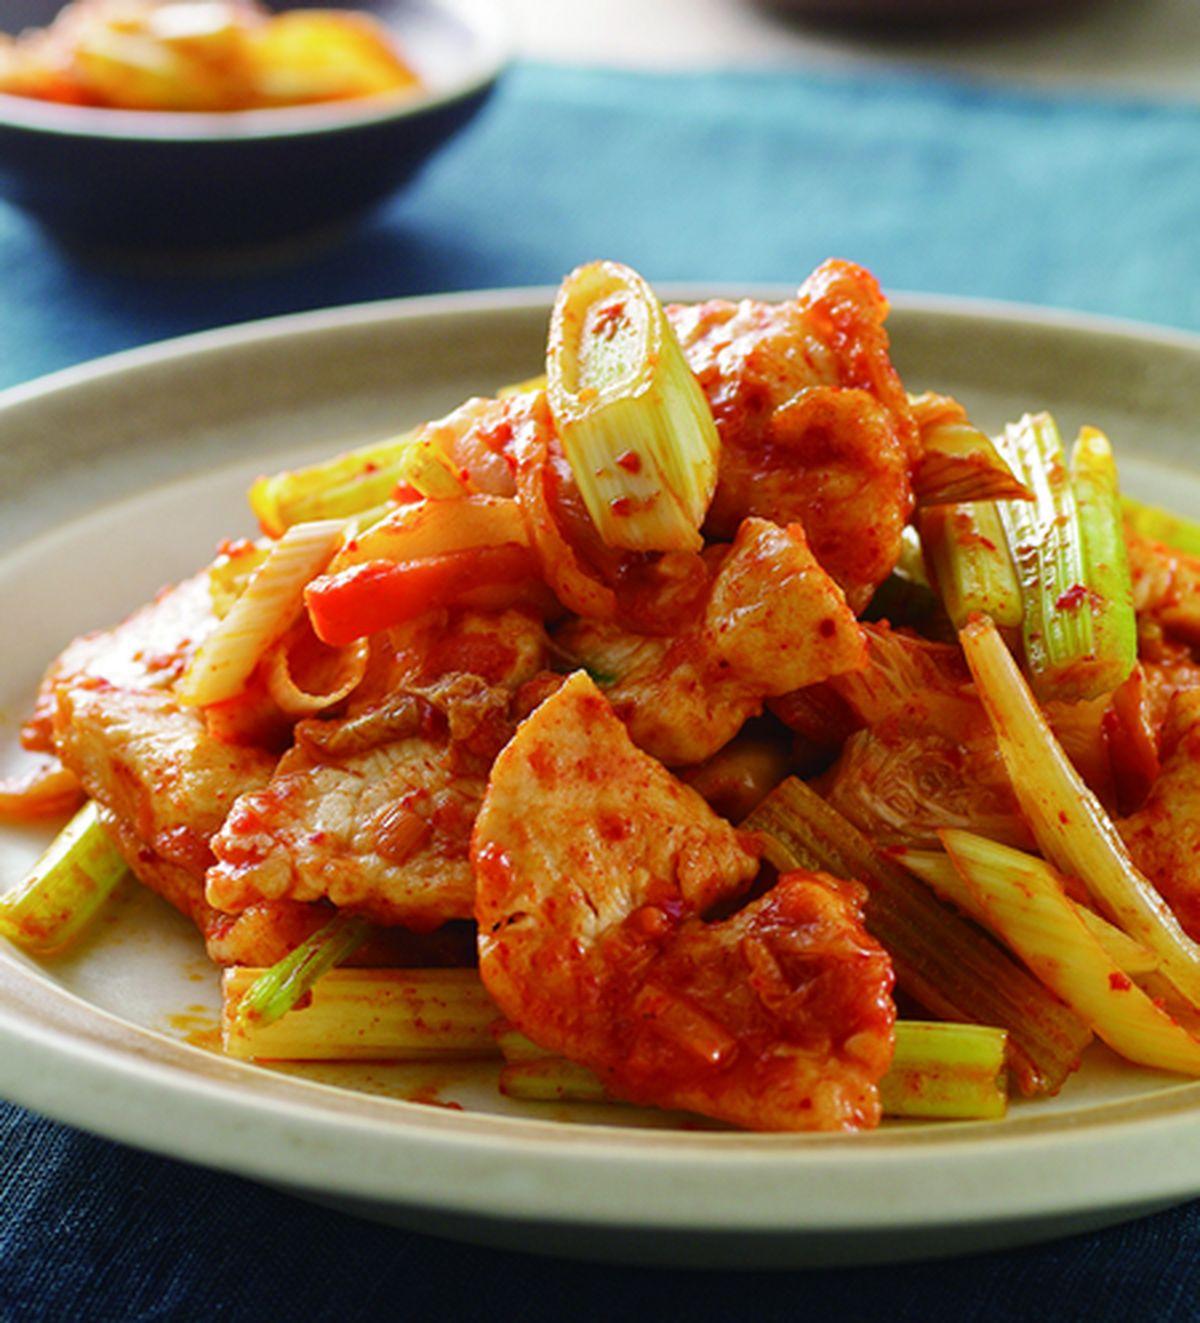 食譜:泡菜炒雞胸肉片